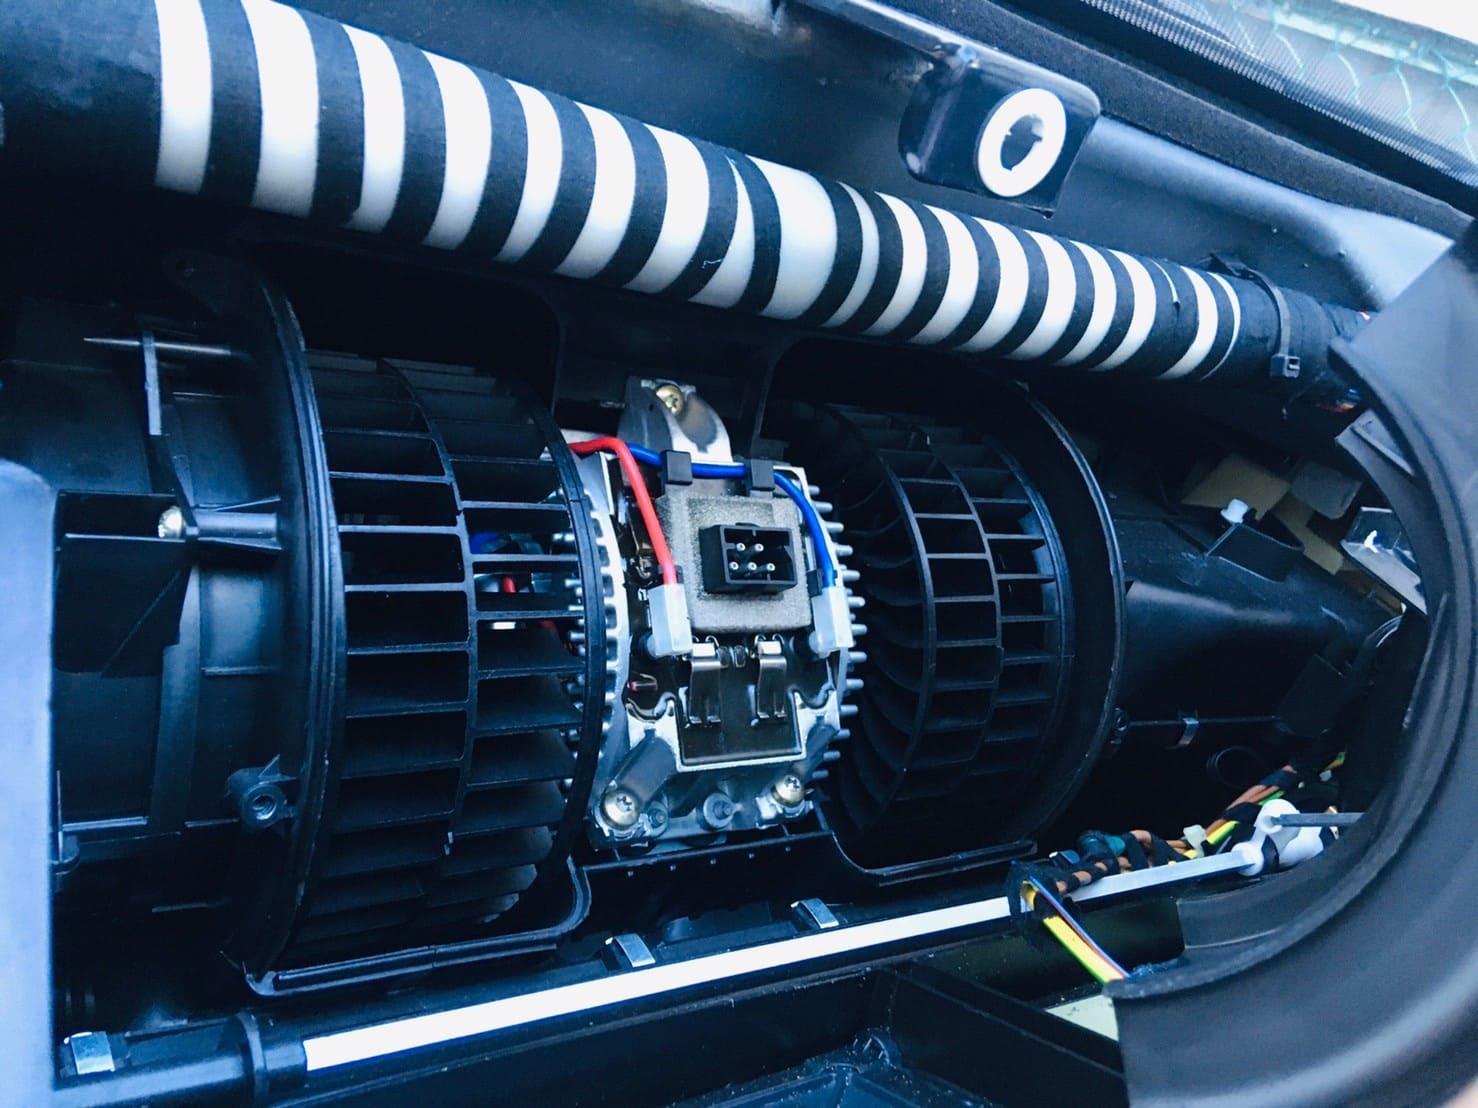 【BMWの修理】BMW 7シリーズ E38 750iLのブロワーモーター交換修理